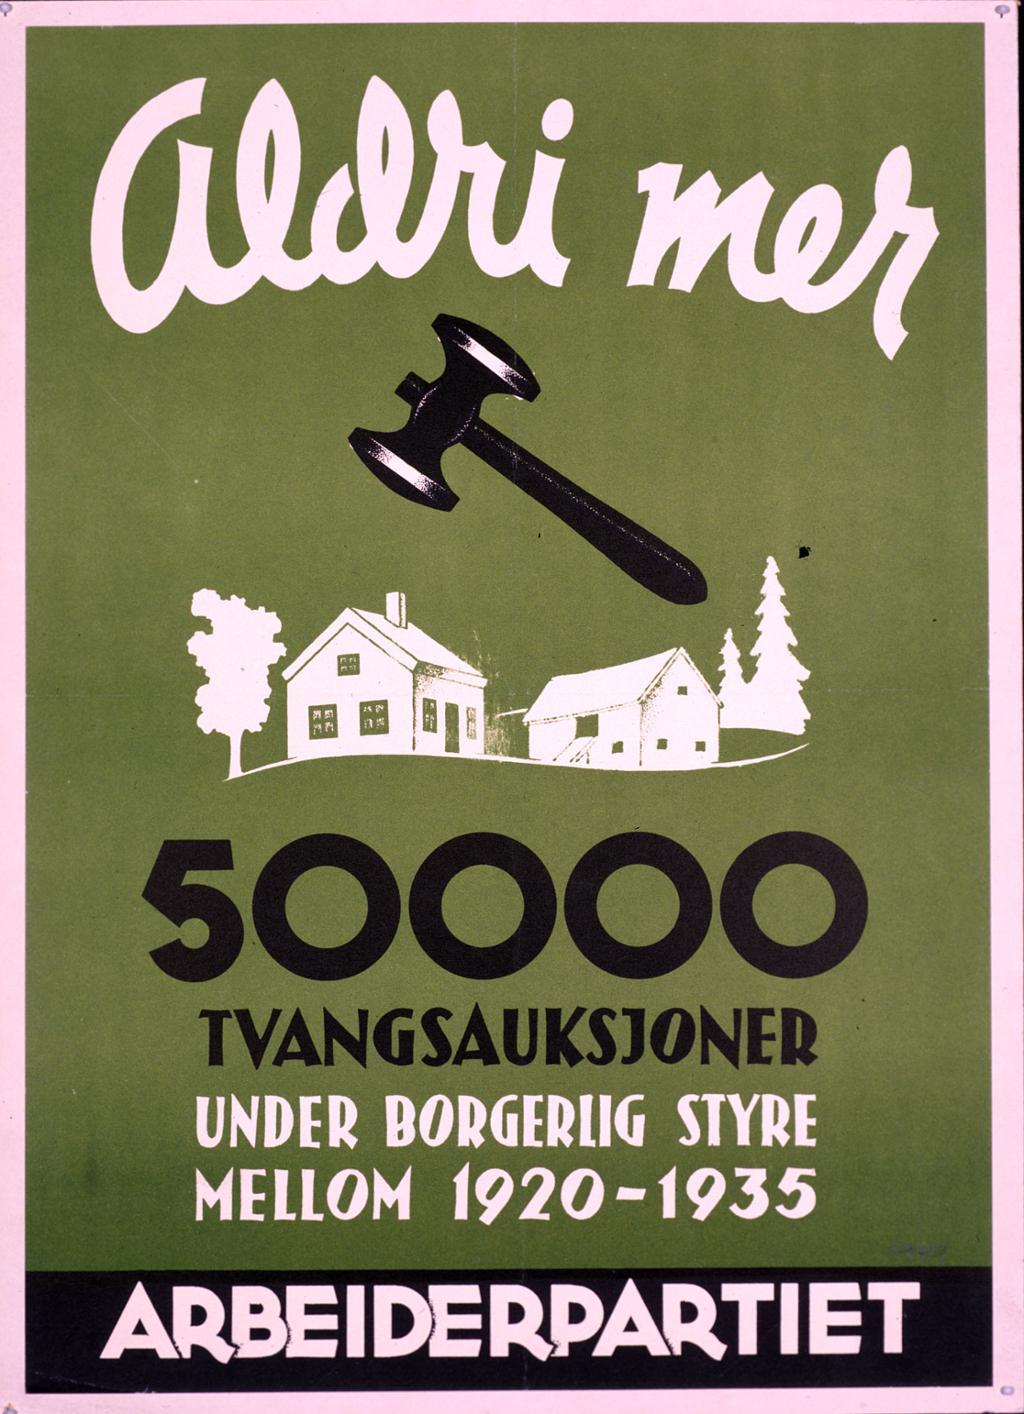 Valgplakat for Arbeiderpartiet. Aldri mer 50000 tvangsauksjoner under borgerlig styre-. Foto.